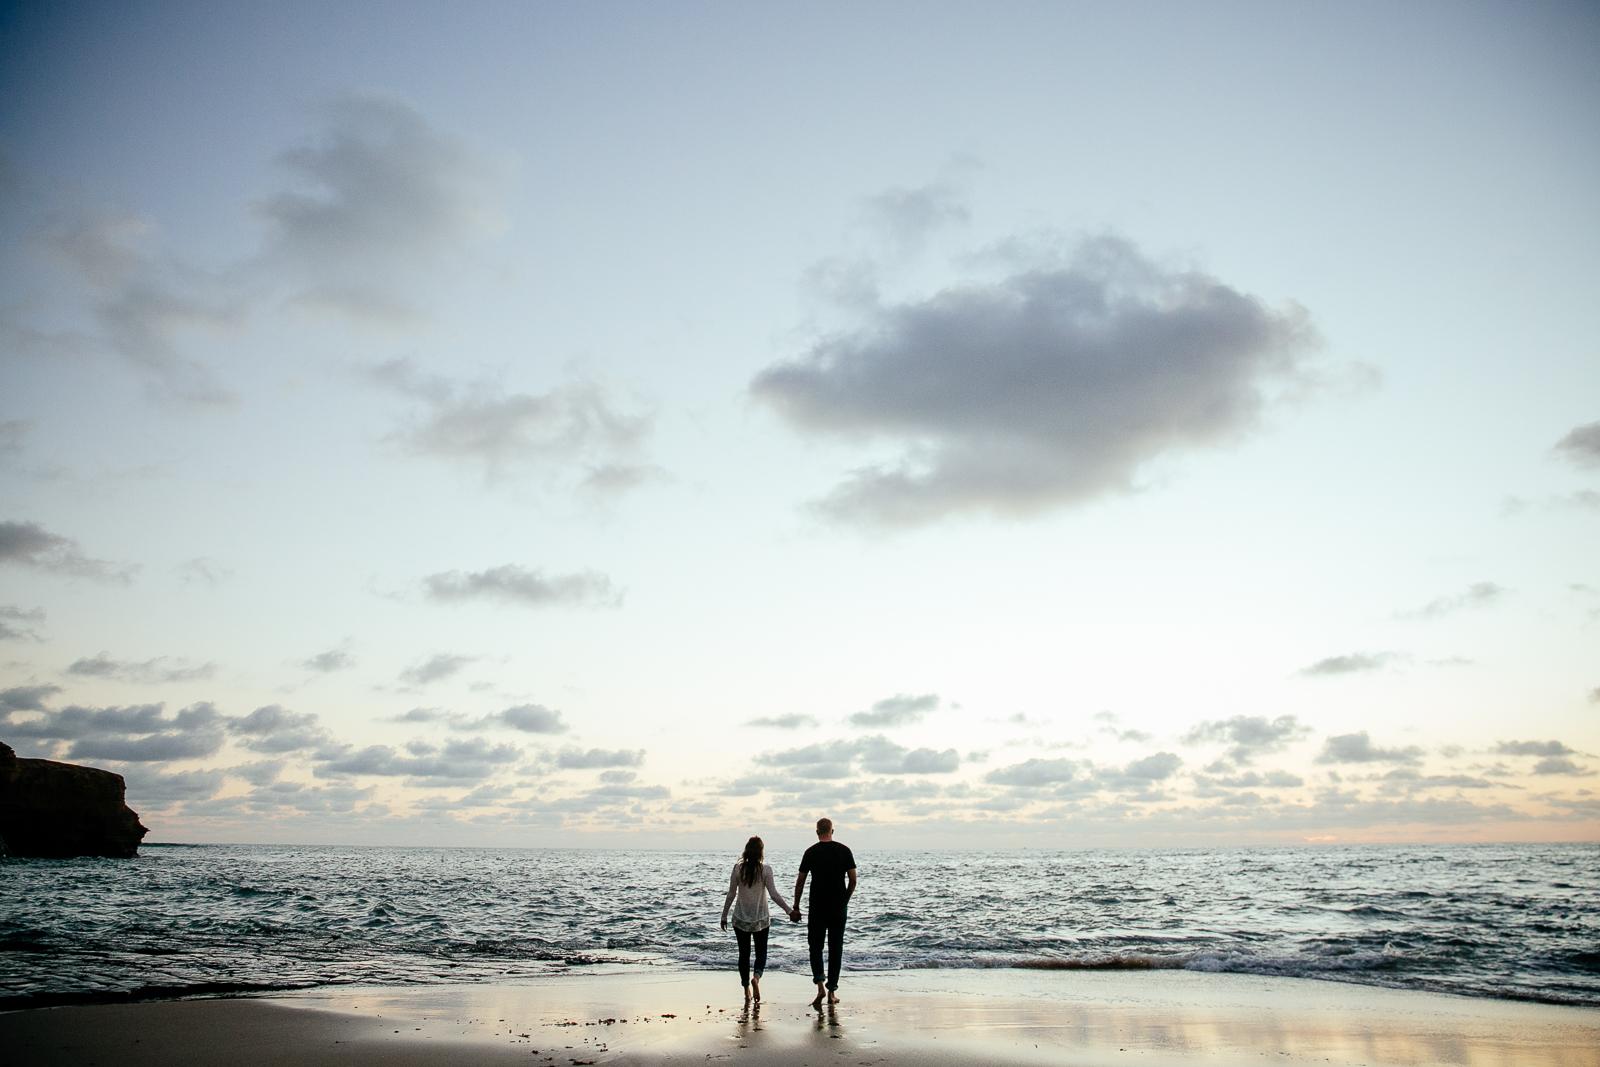 DANYELLE_&_ERIC_ENGAGEMENT_SESSION_SUNSET_CLIFFS_LEAF_WEDDING_PHOTOGRAPHY_2015IMG_2647.JPG